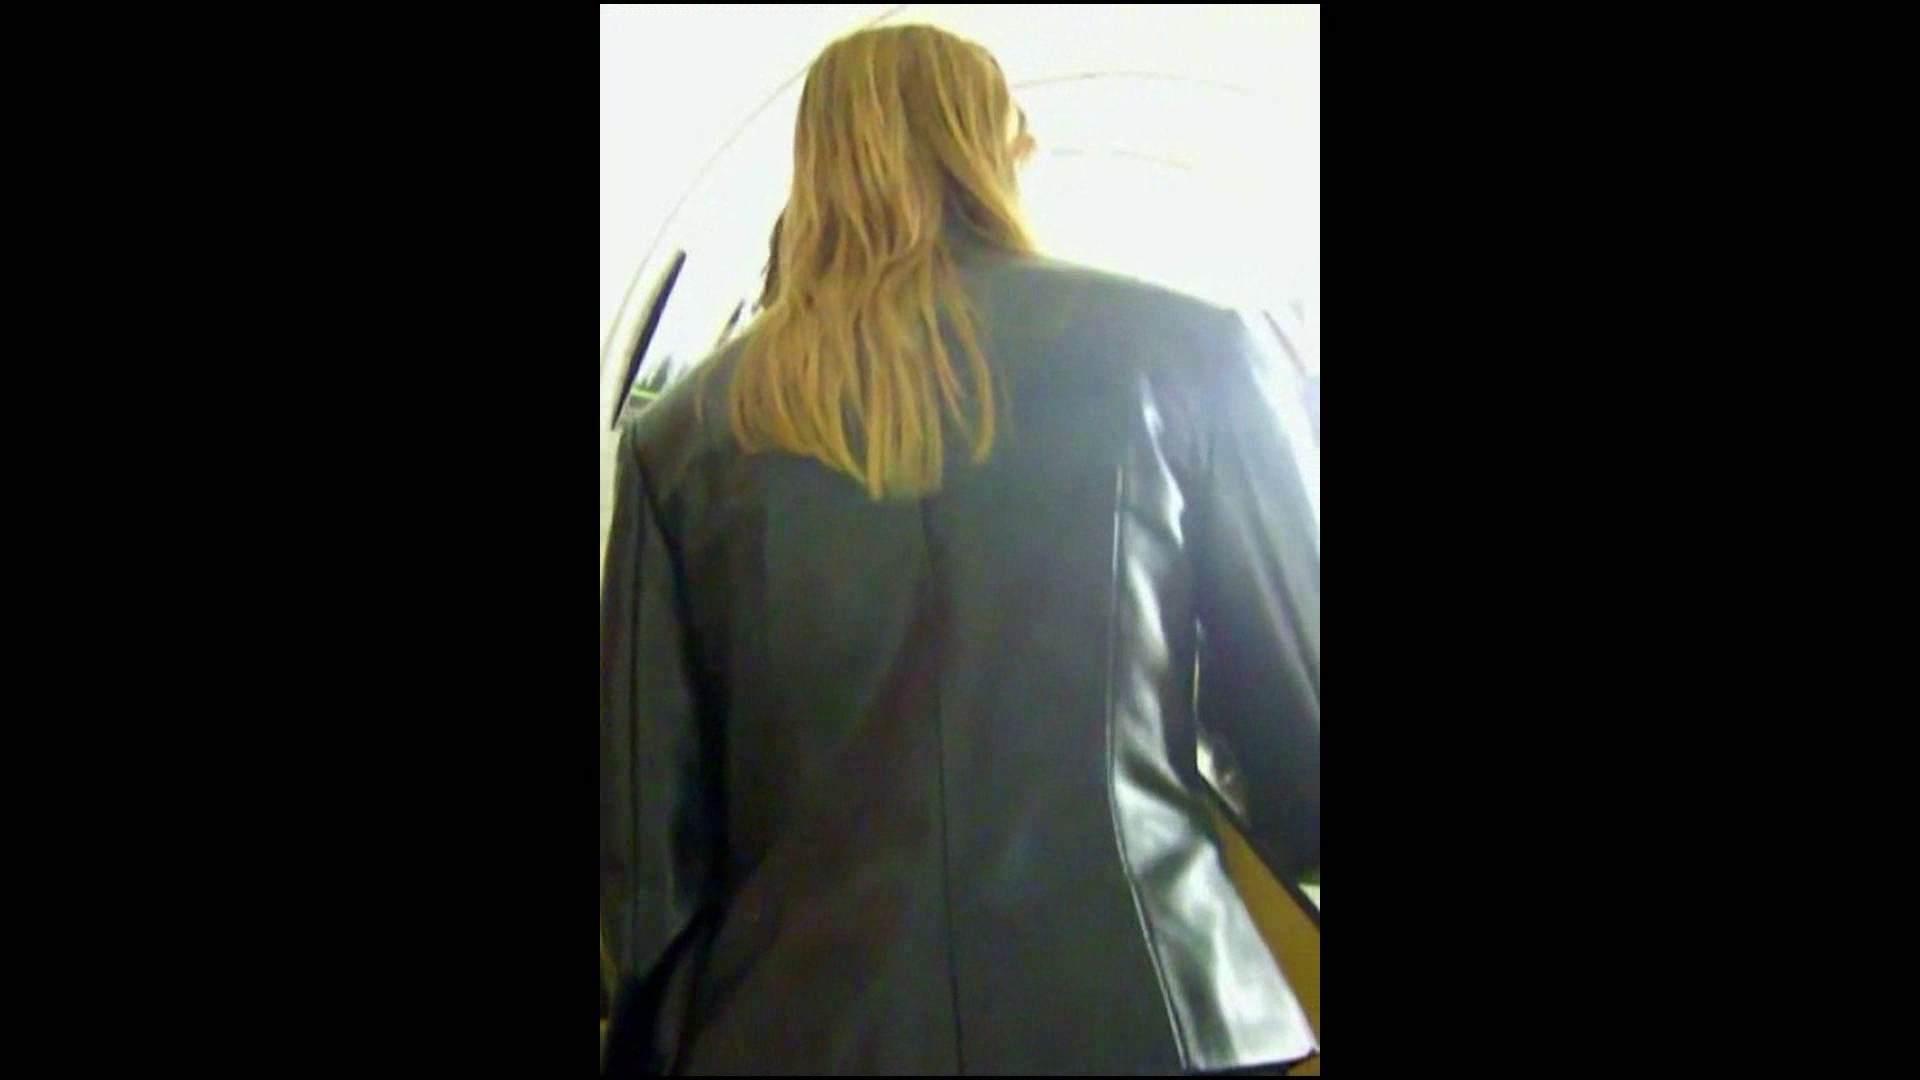 綺麗なモデルさんのスカート捲っちゃおう‼vol05 お姉さんのエロ動画  102PIX 62